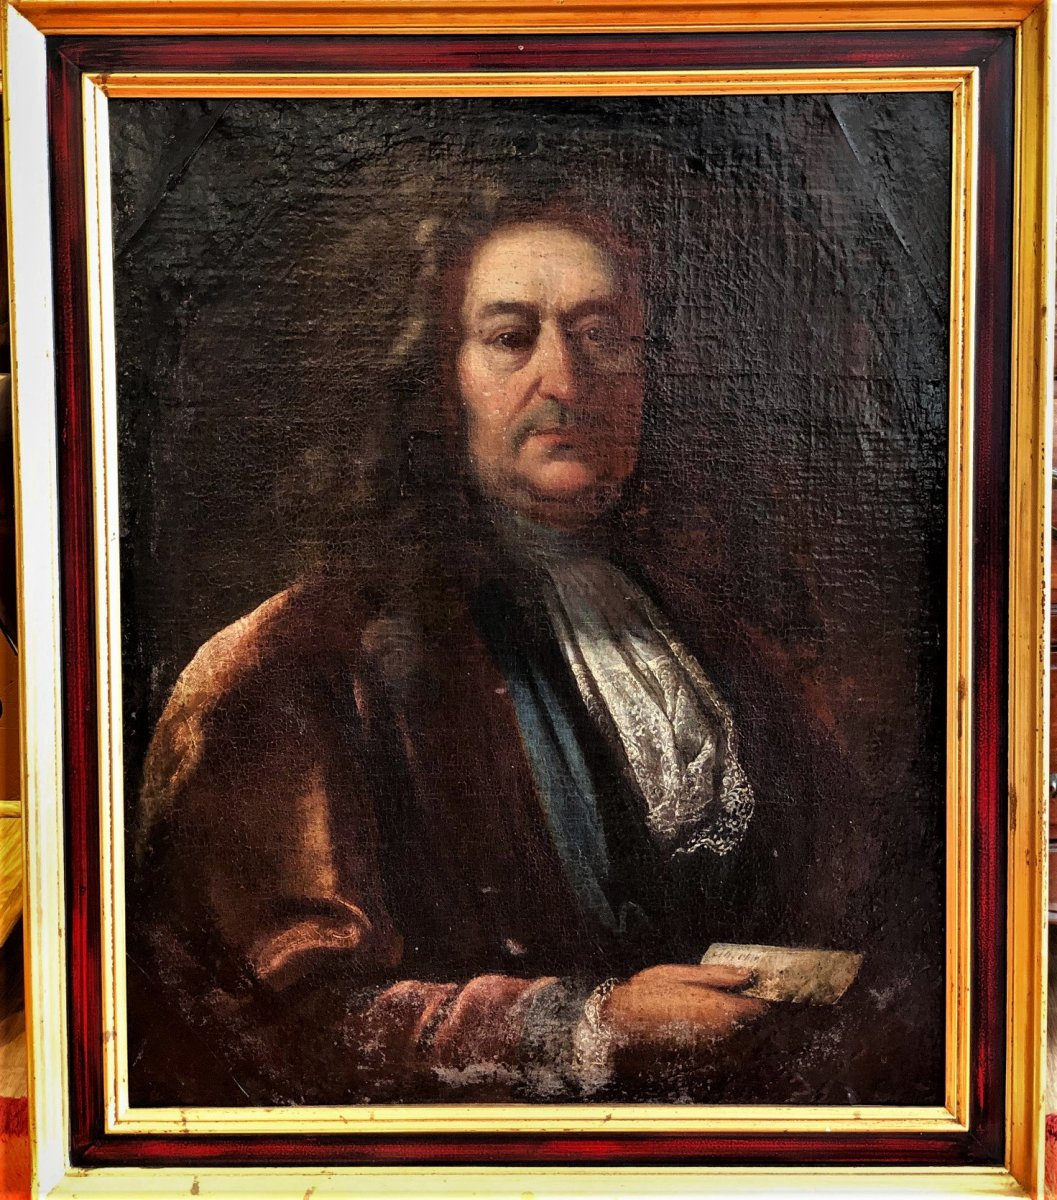 Portrait d'Homme époque Louis XIV